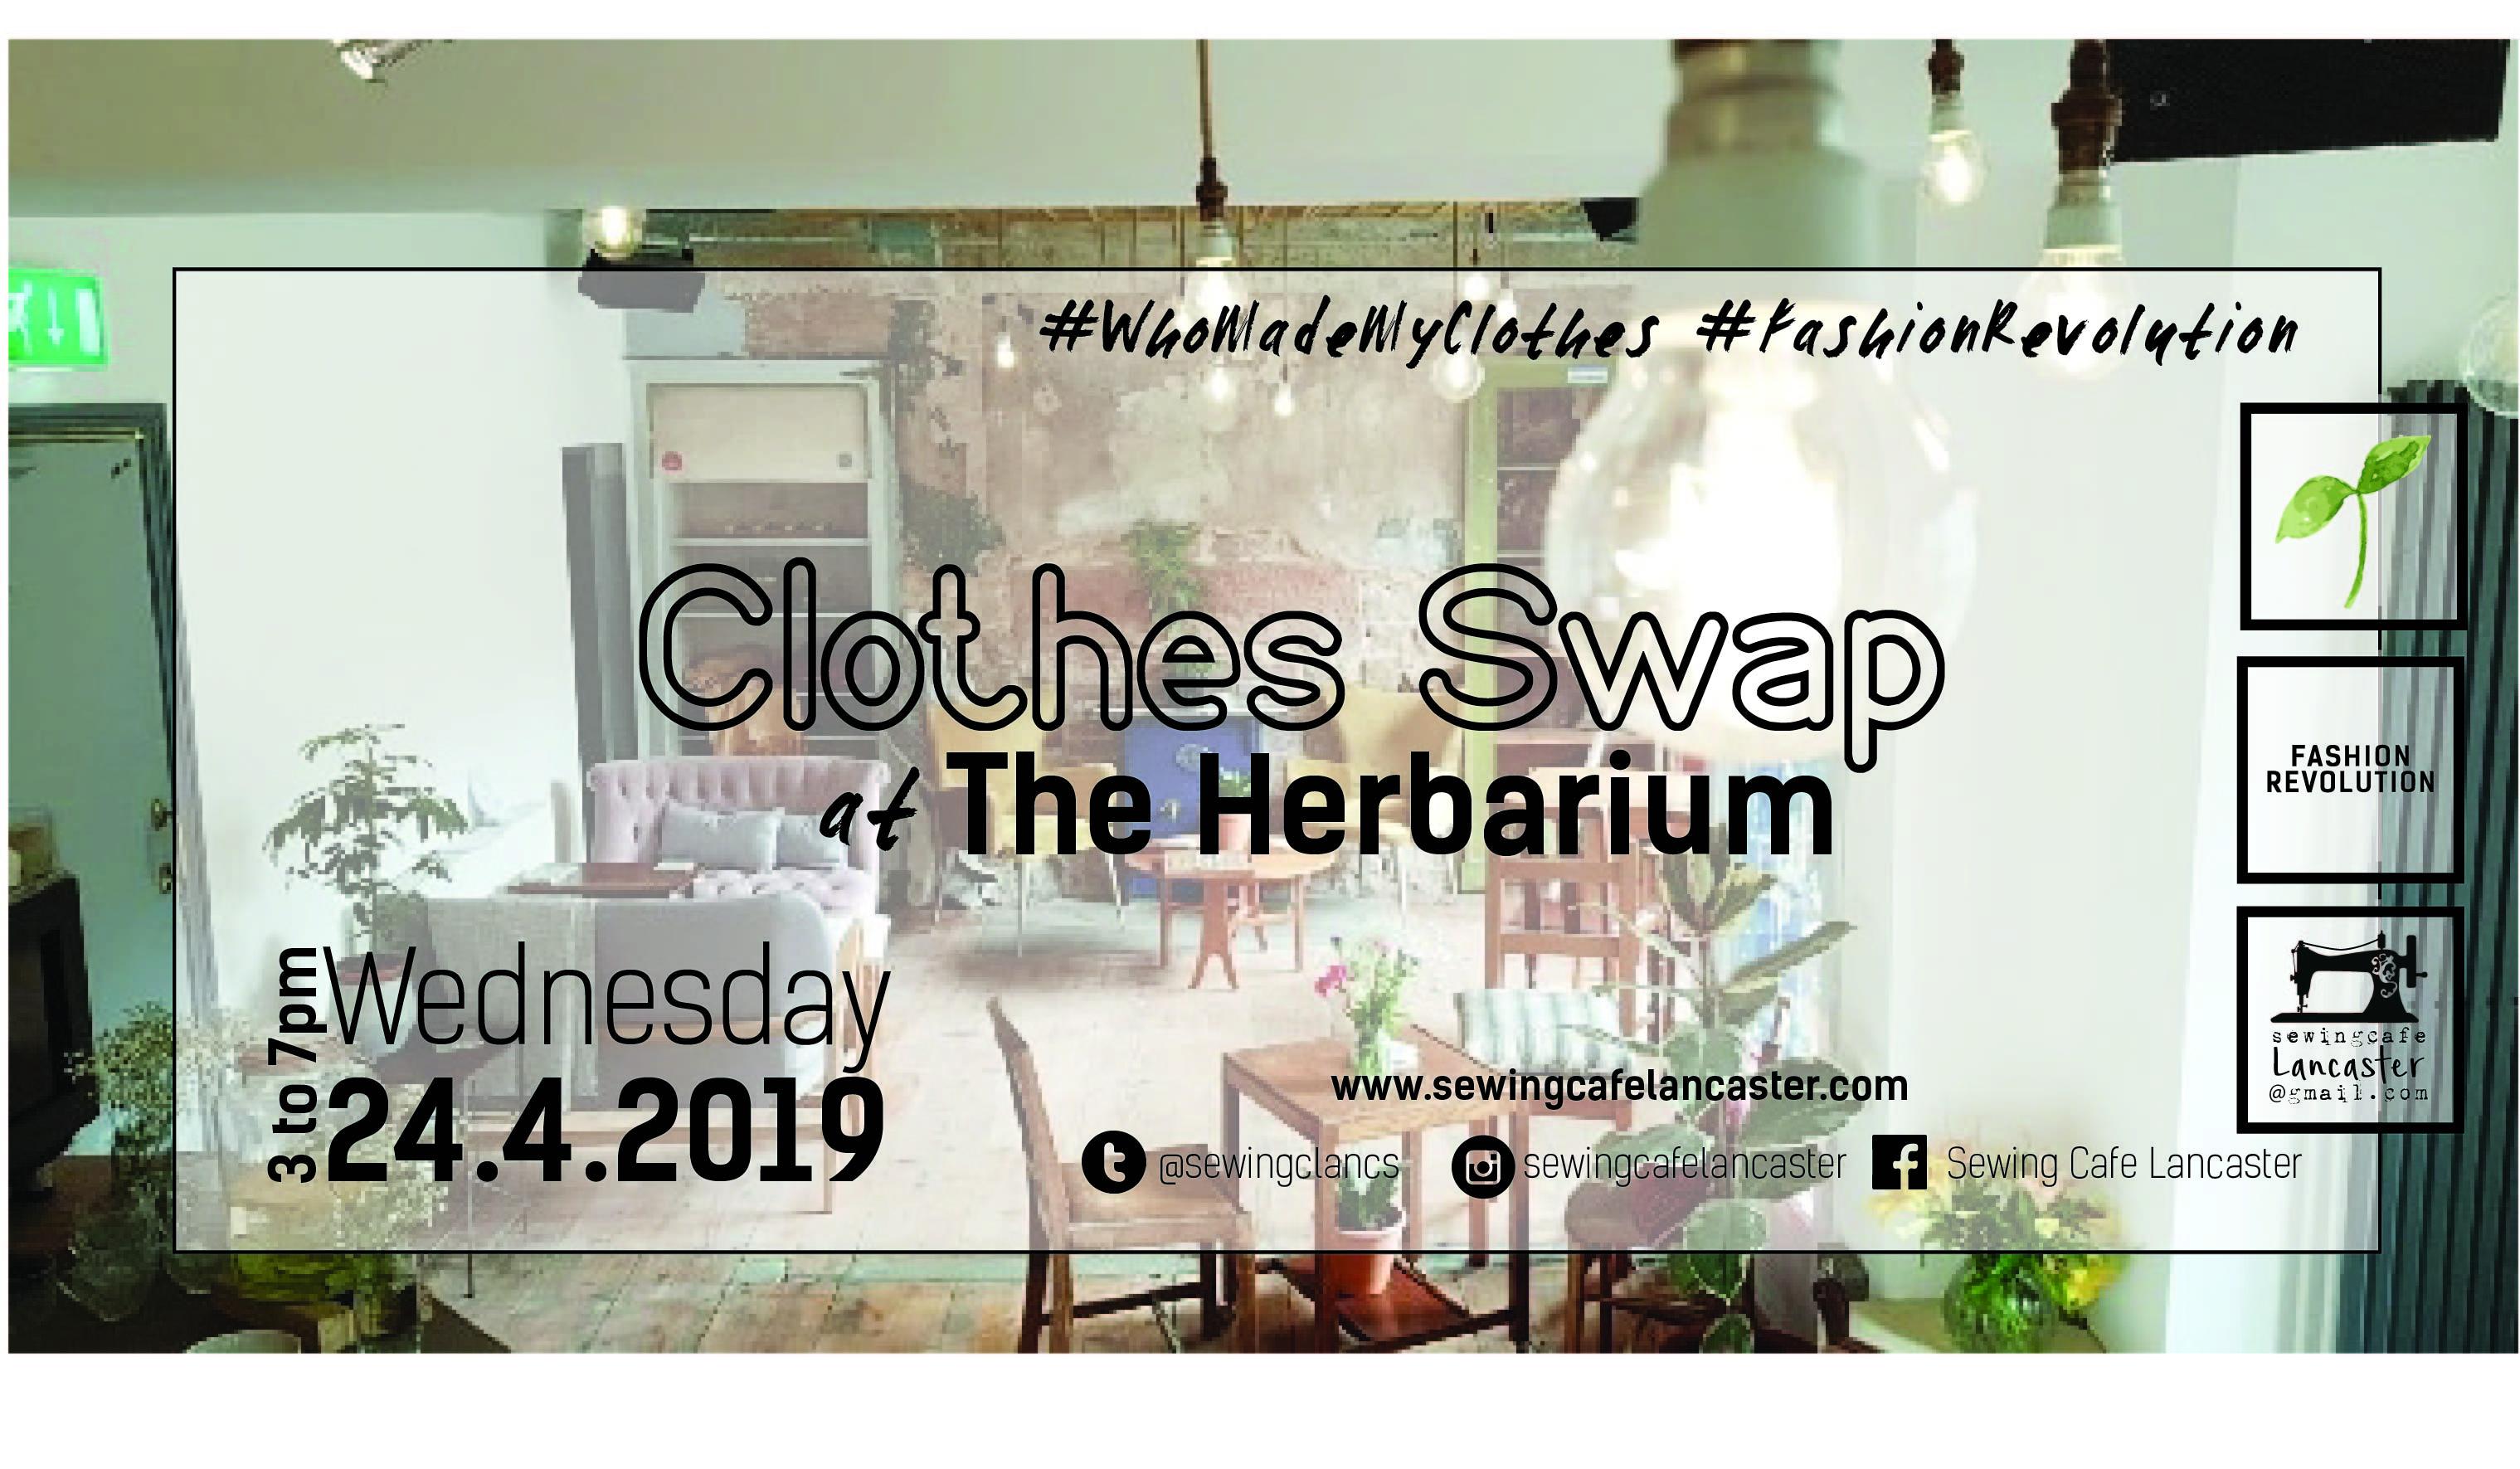 Clothes Swap at The Herbarium